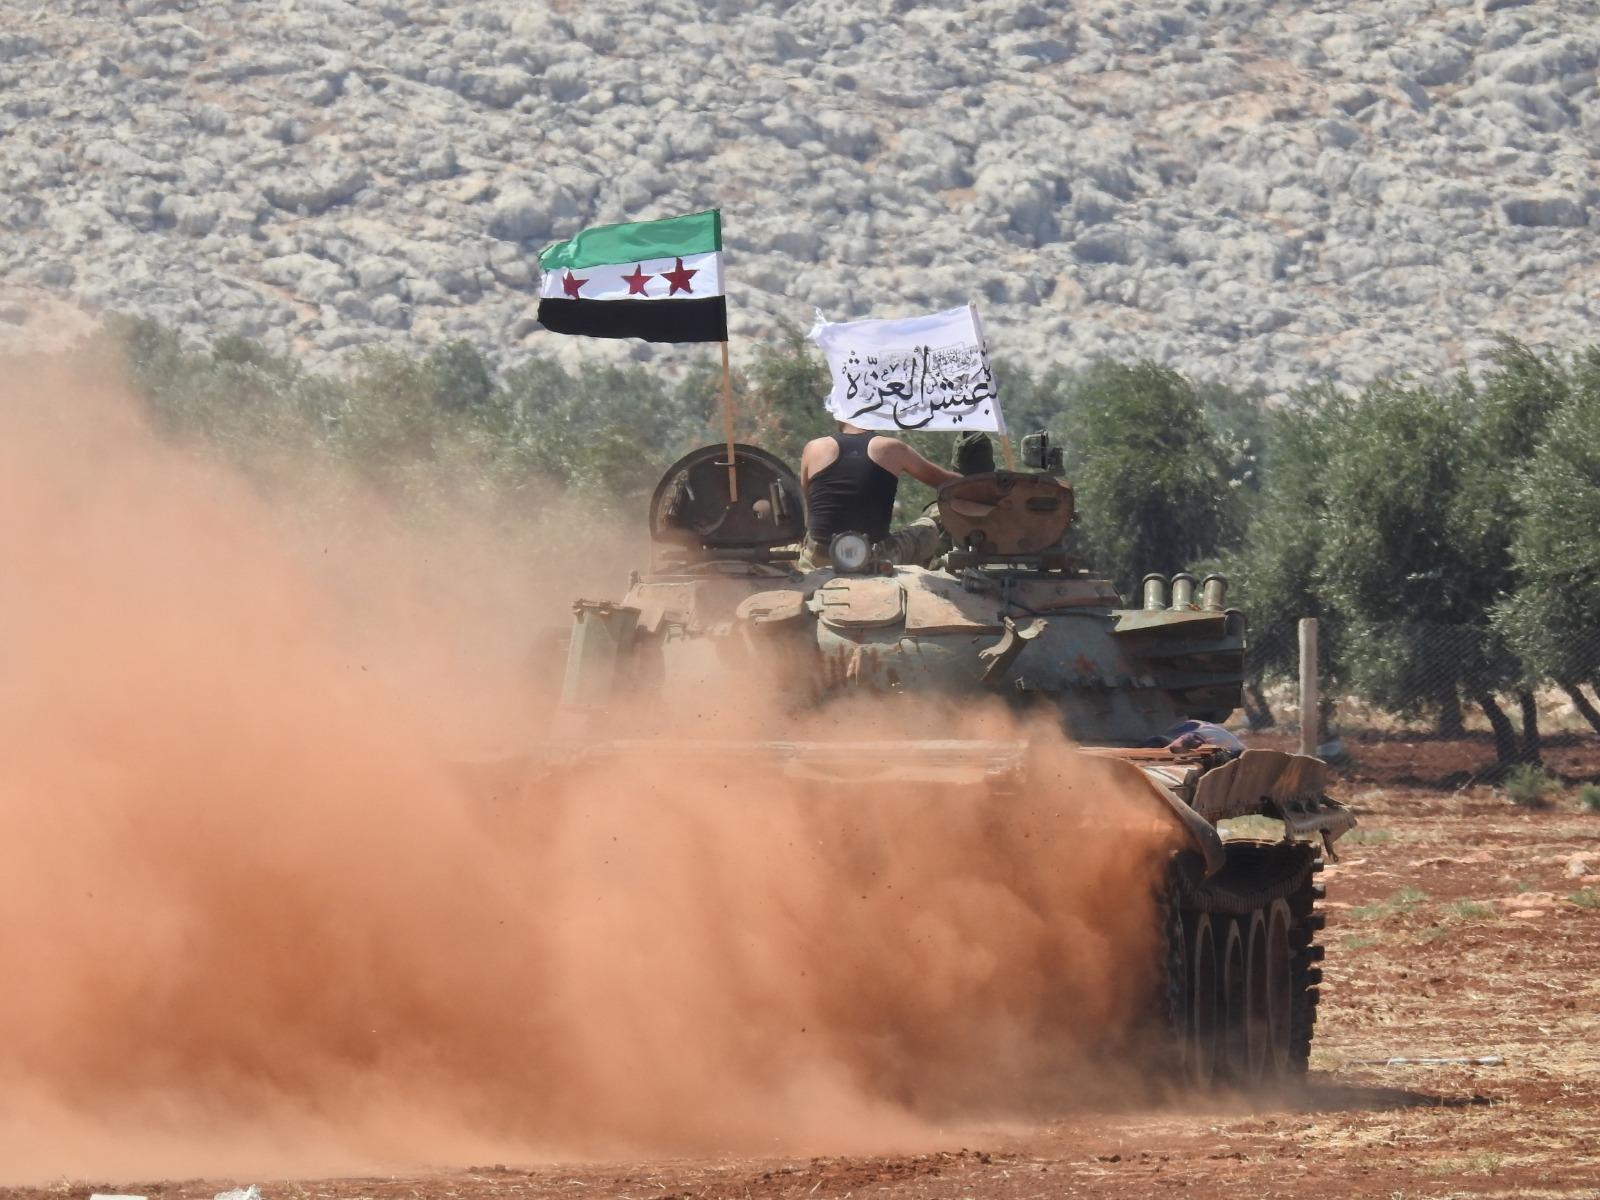 معارك ريف حماة تصل إلى مناطق الأقليات وبلدات للنظام السوري